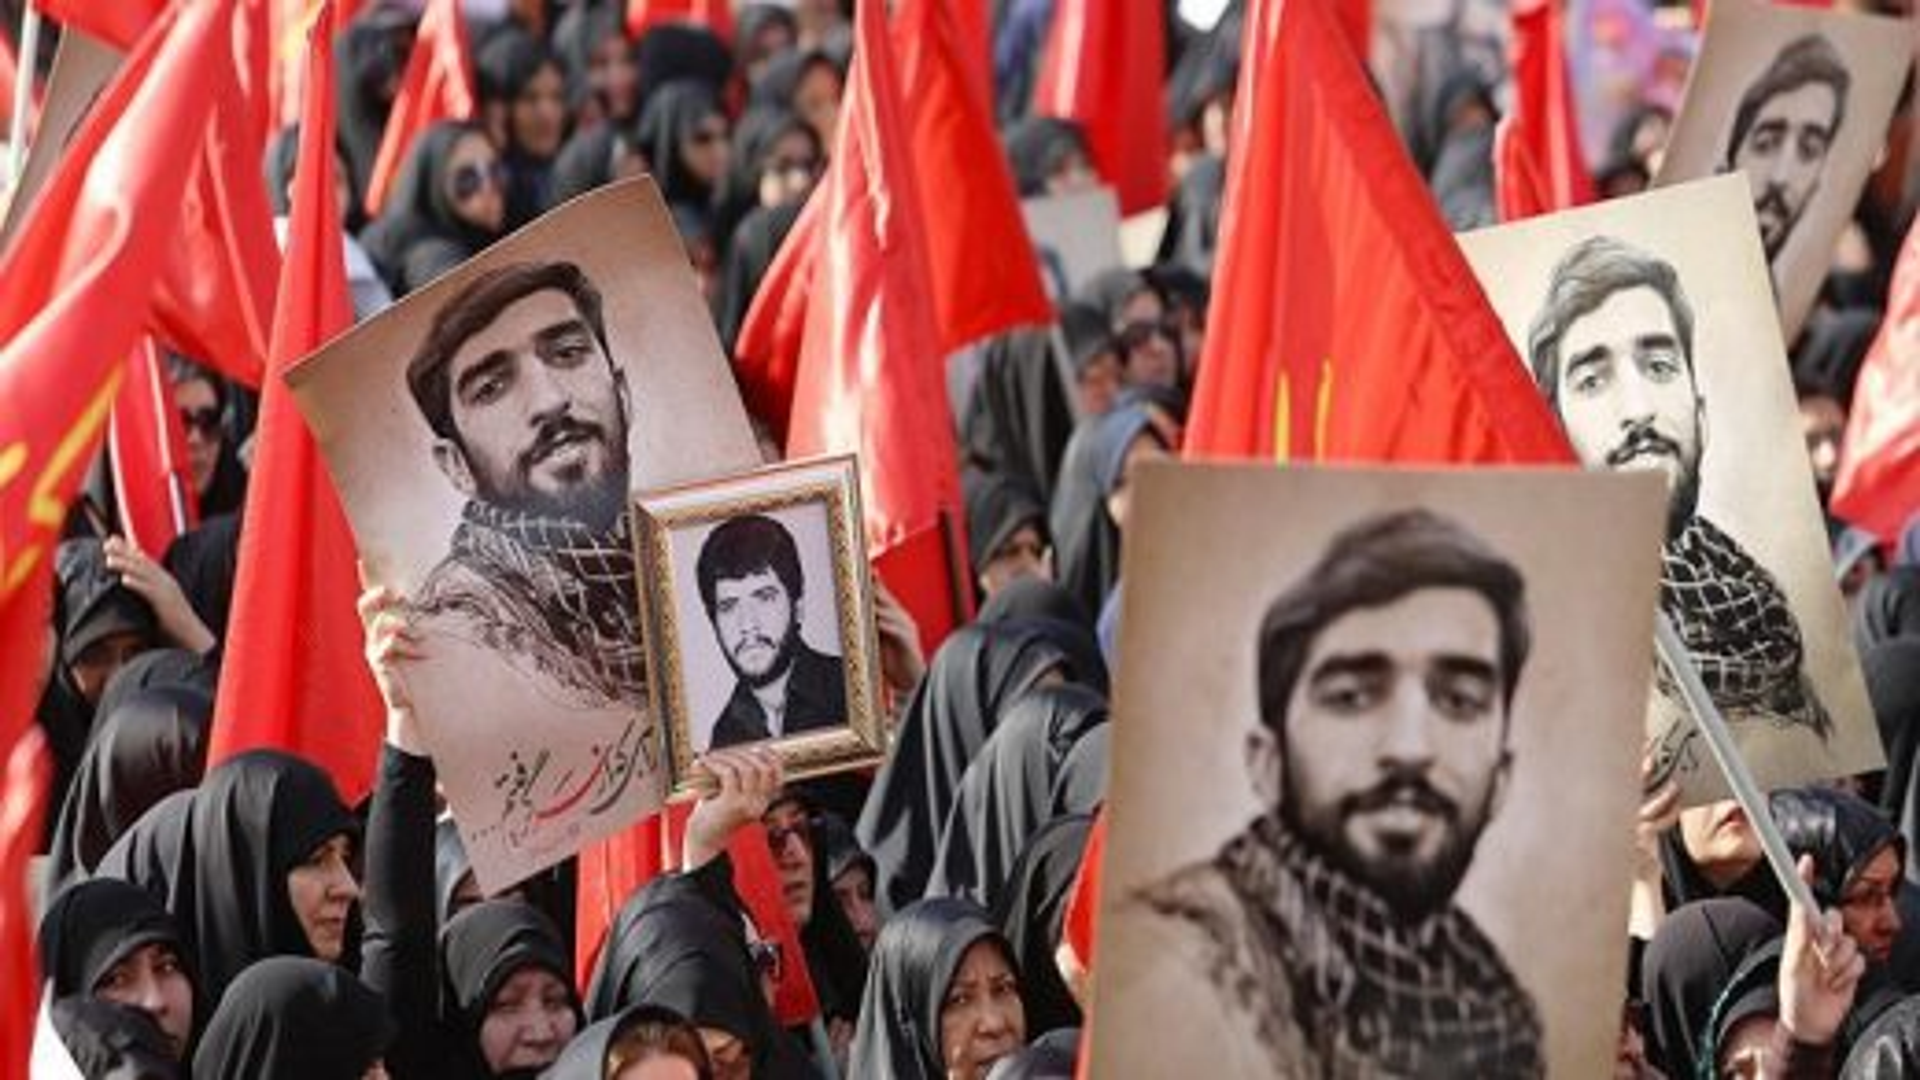 نماهنگ «قهرمان قهرمانان» به یاد شهید حججی | تگ